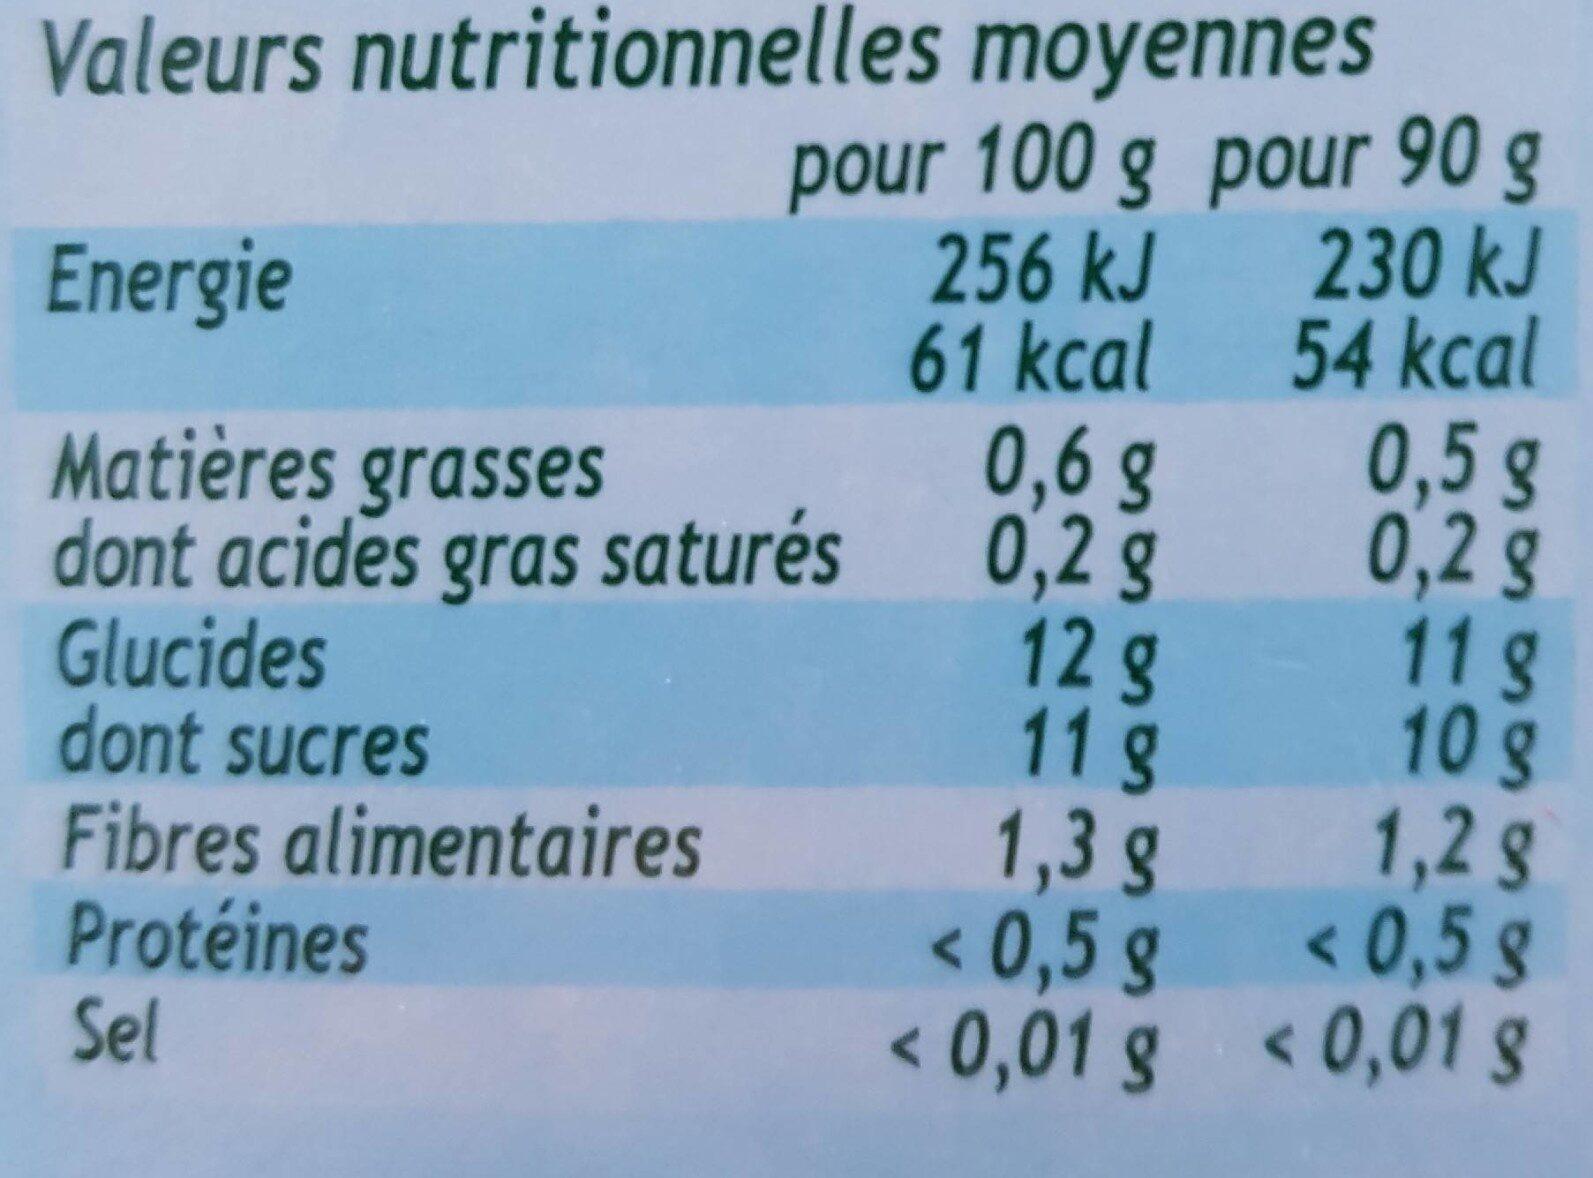 POM'POTES BIO SSA Pomme/Pomme Fraise/Pomme Abricot/Pomme Poire 12x90g - Informations nutritionnelles - fr